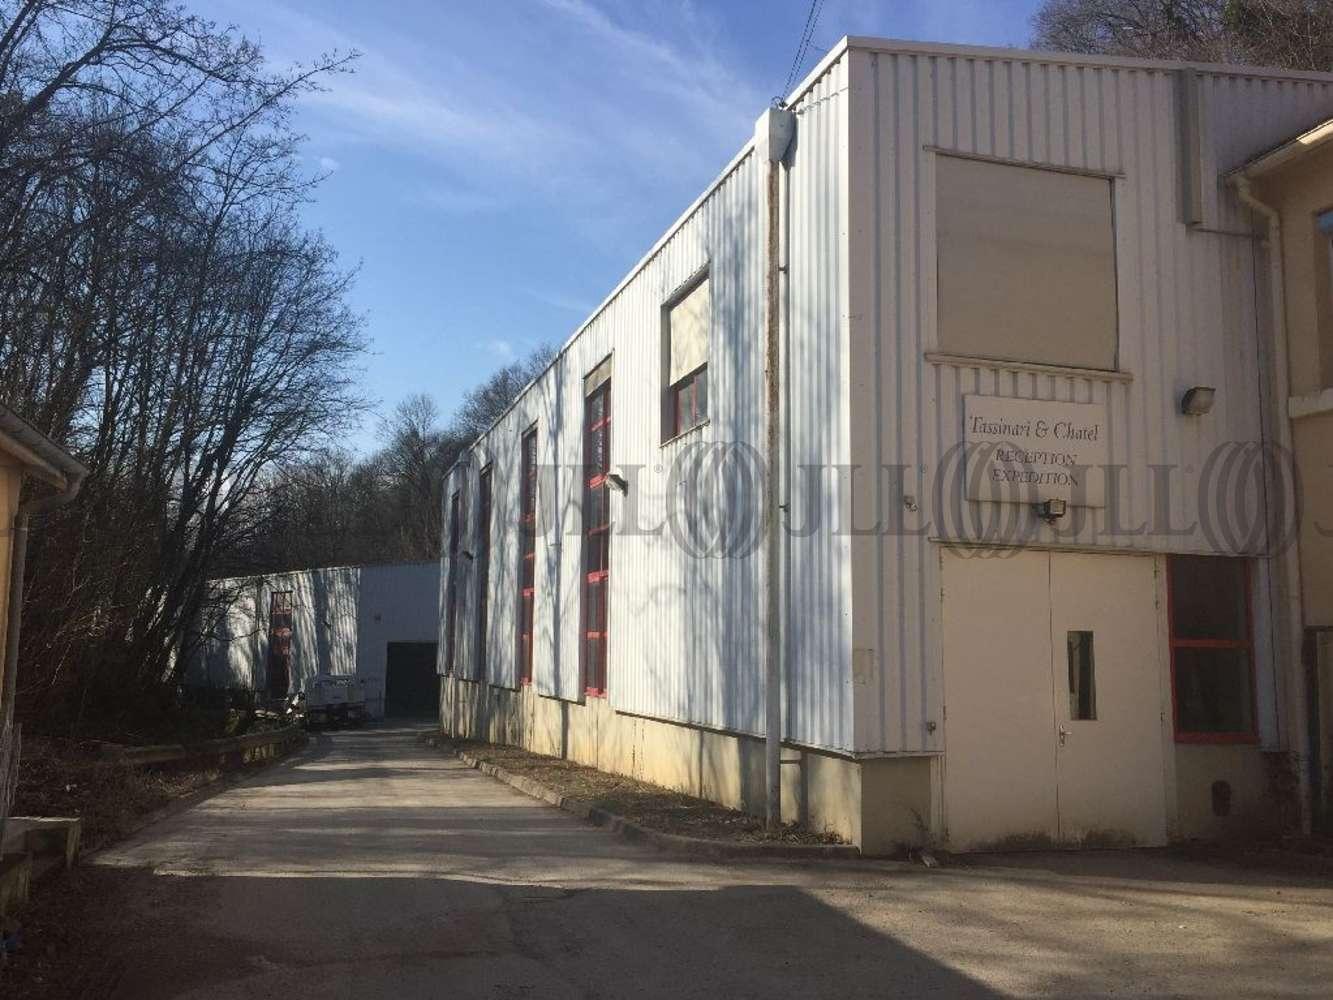 Activités/entrepôt Fontaines st martin, 69270 - Entrepot à vendre Lyon Nord (Fontaines) - 9940211